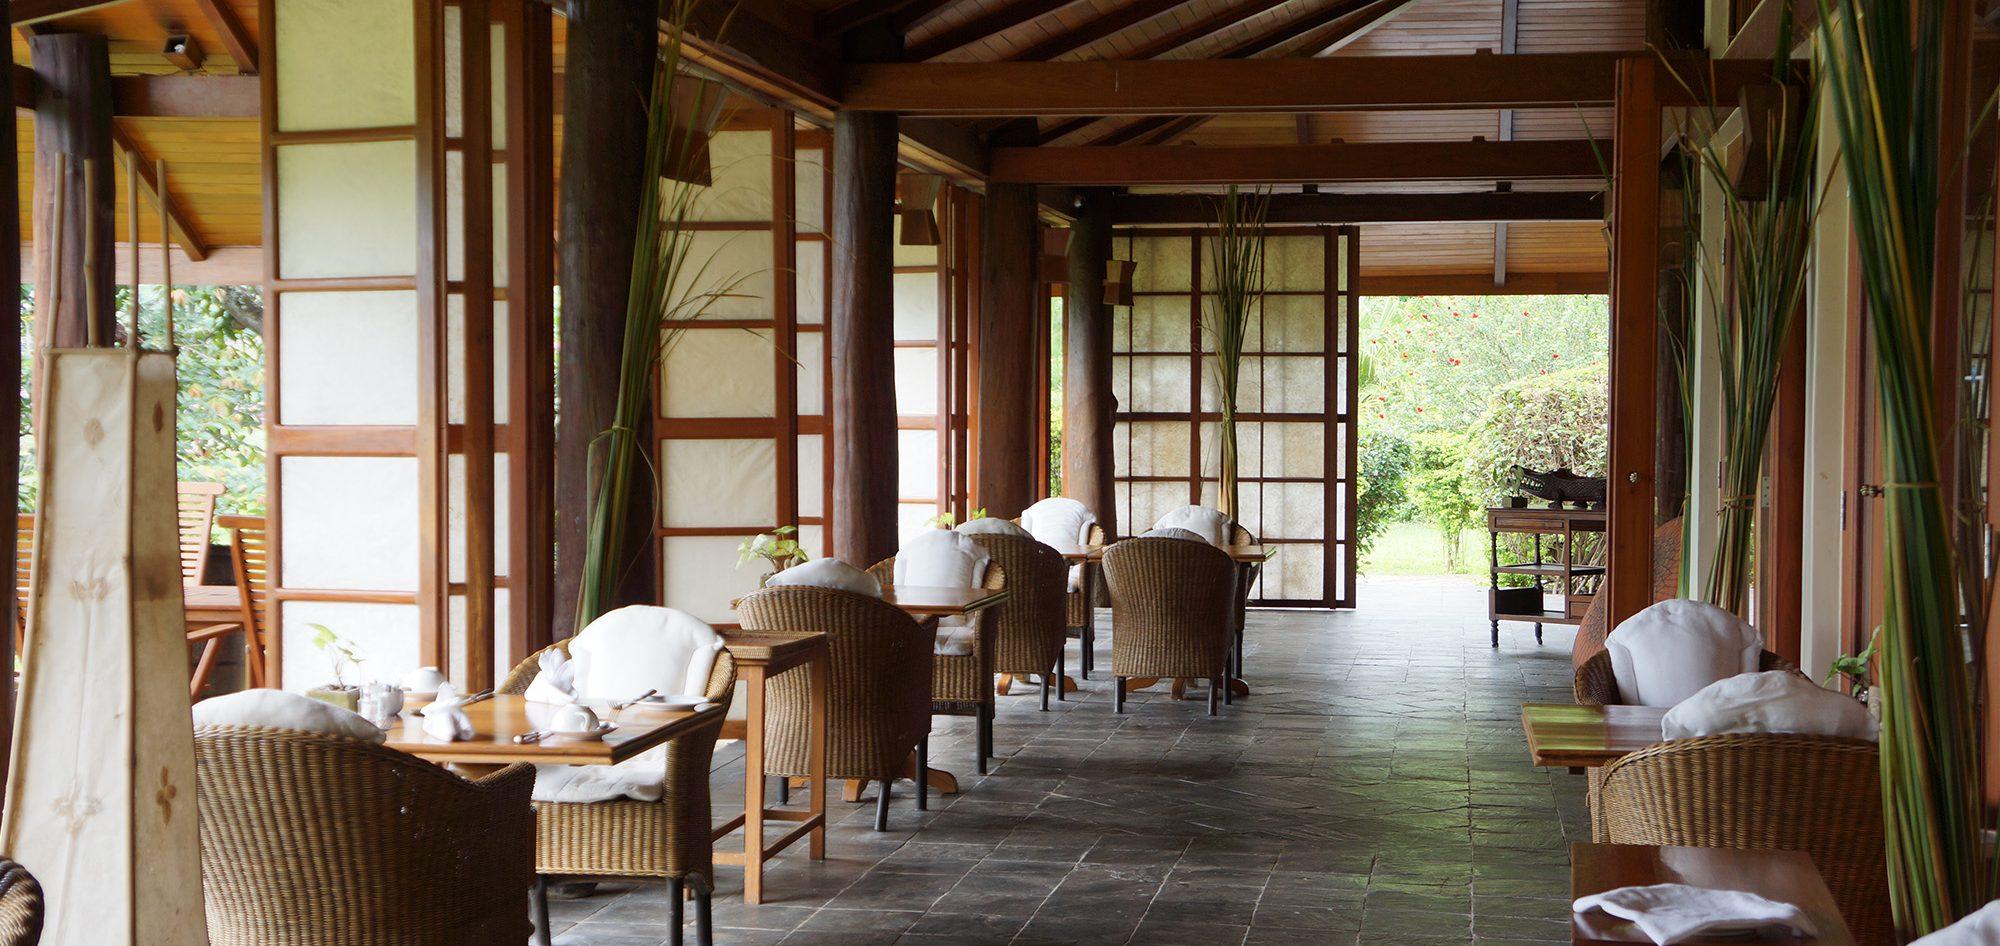 茵莱湖景观温泉度假村